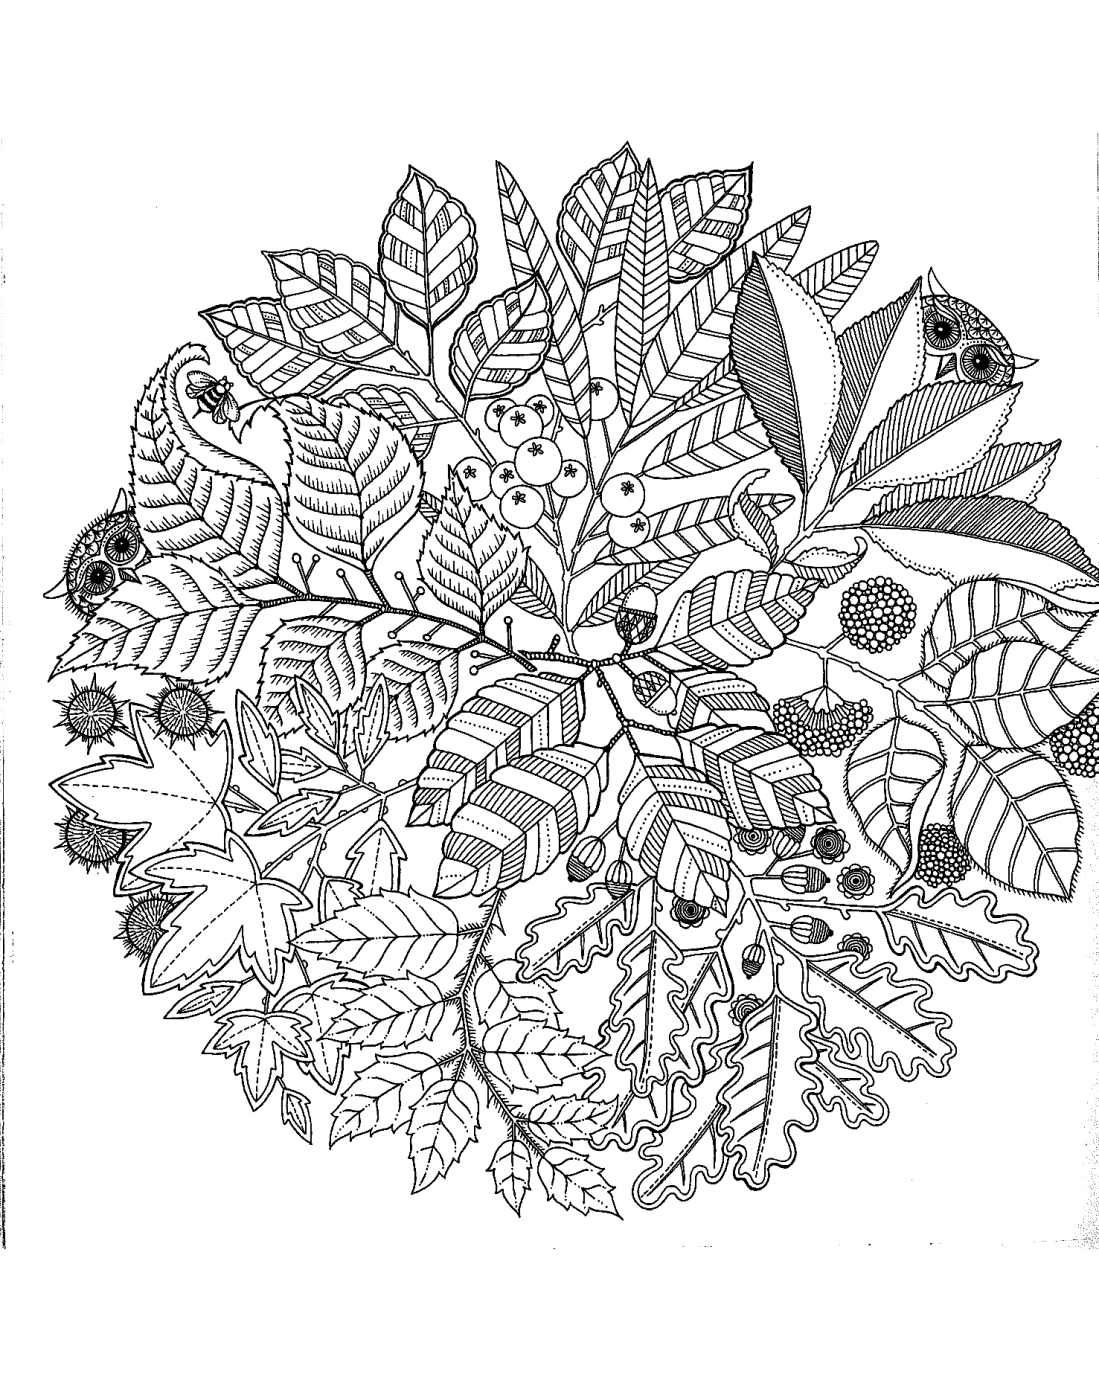 Pour imprimer ce coloriage gratuit coloriage pour adultes - Coloriage a imprimer mandala ...